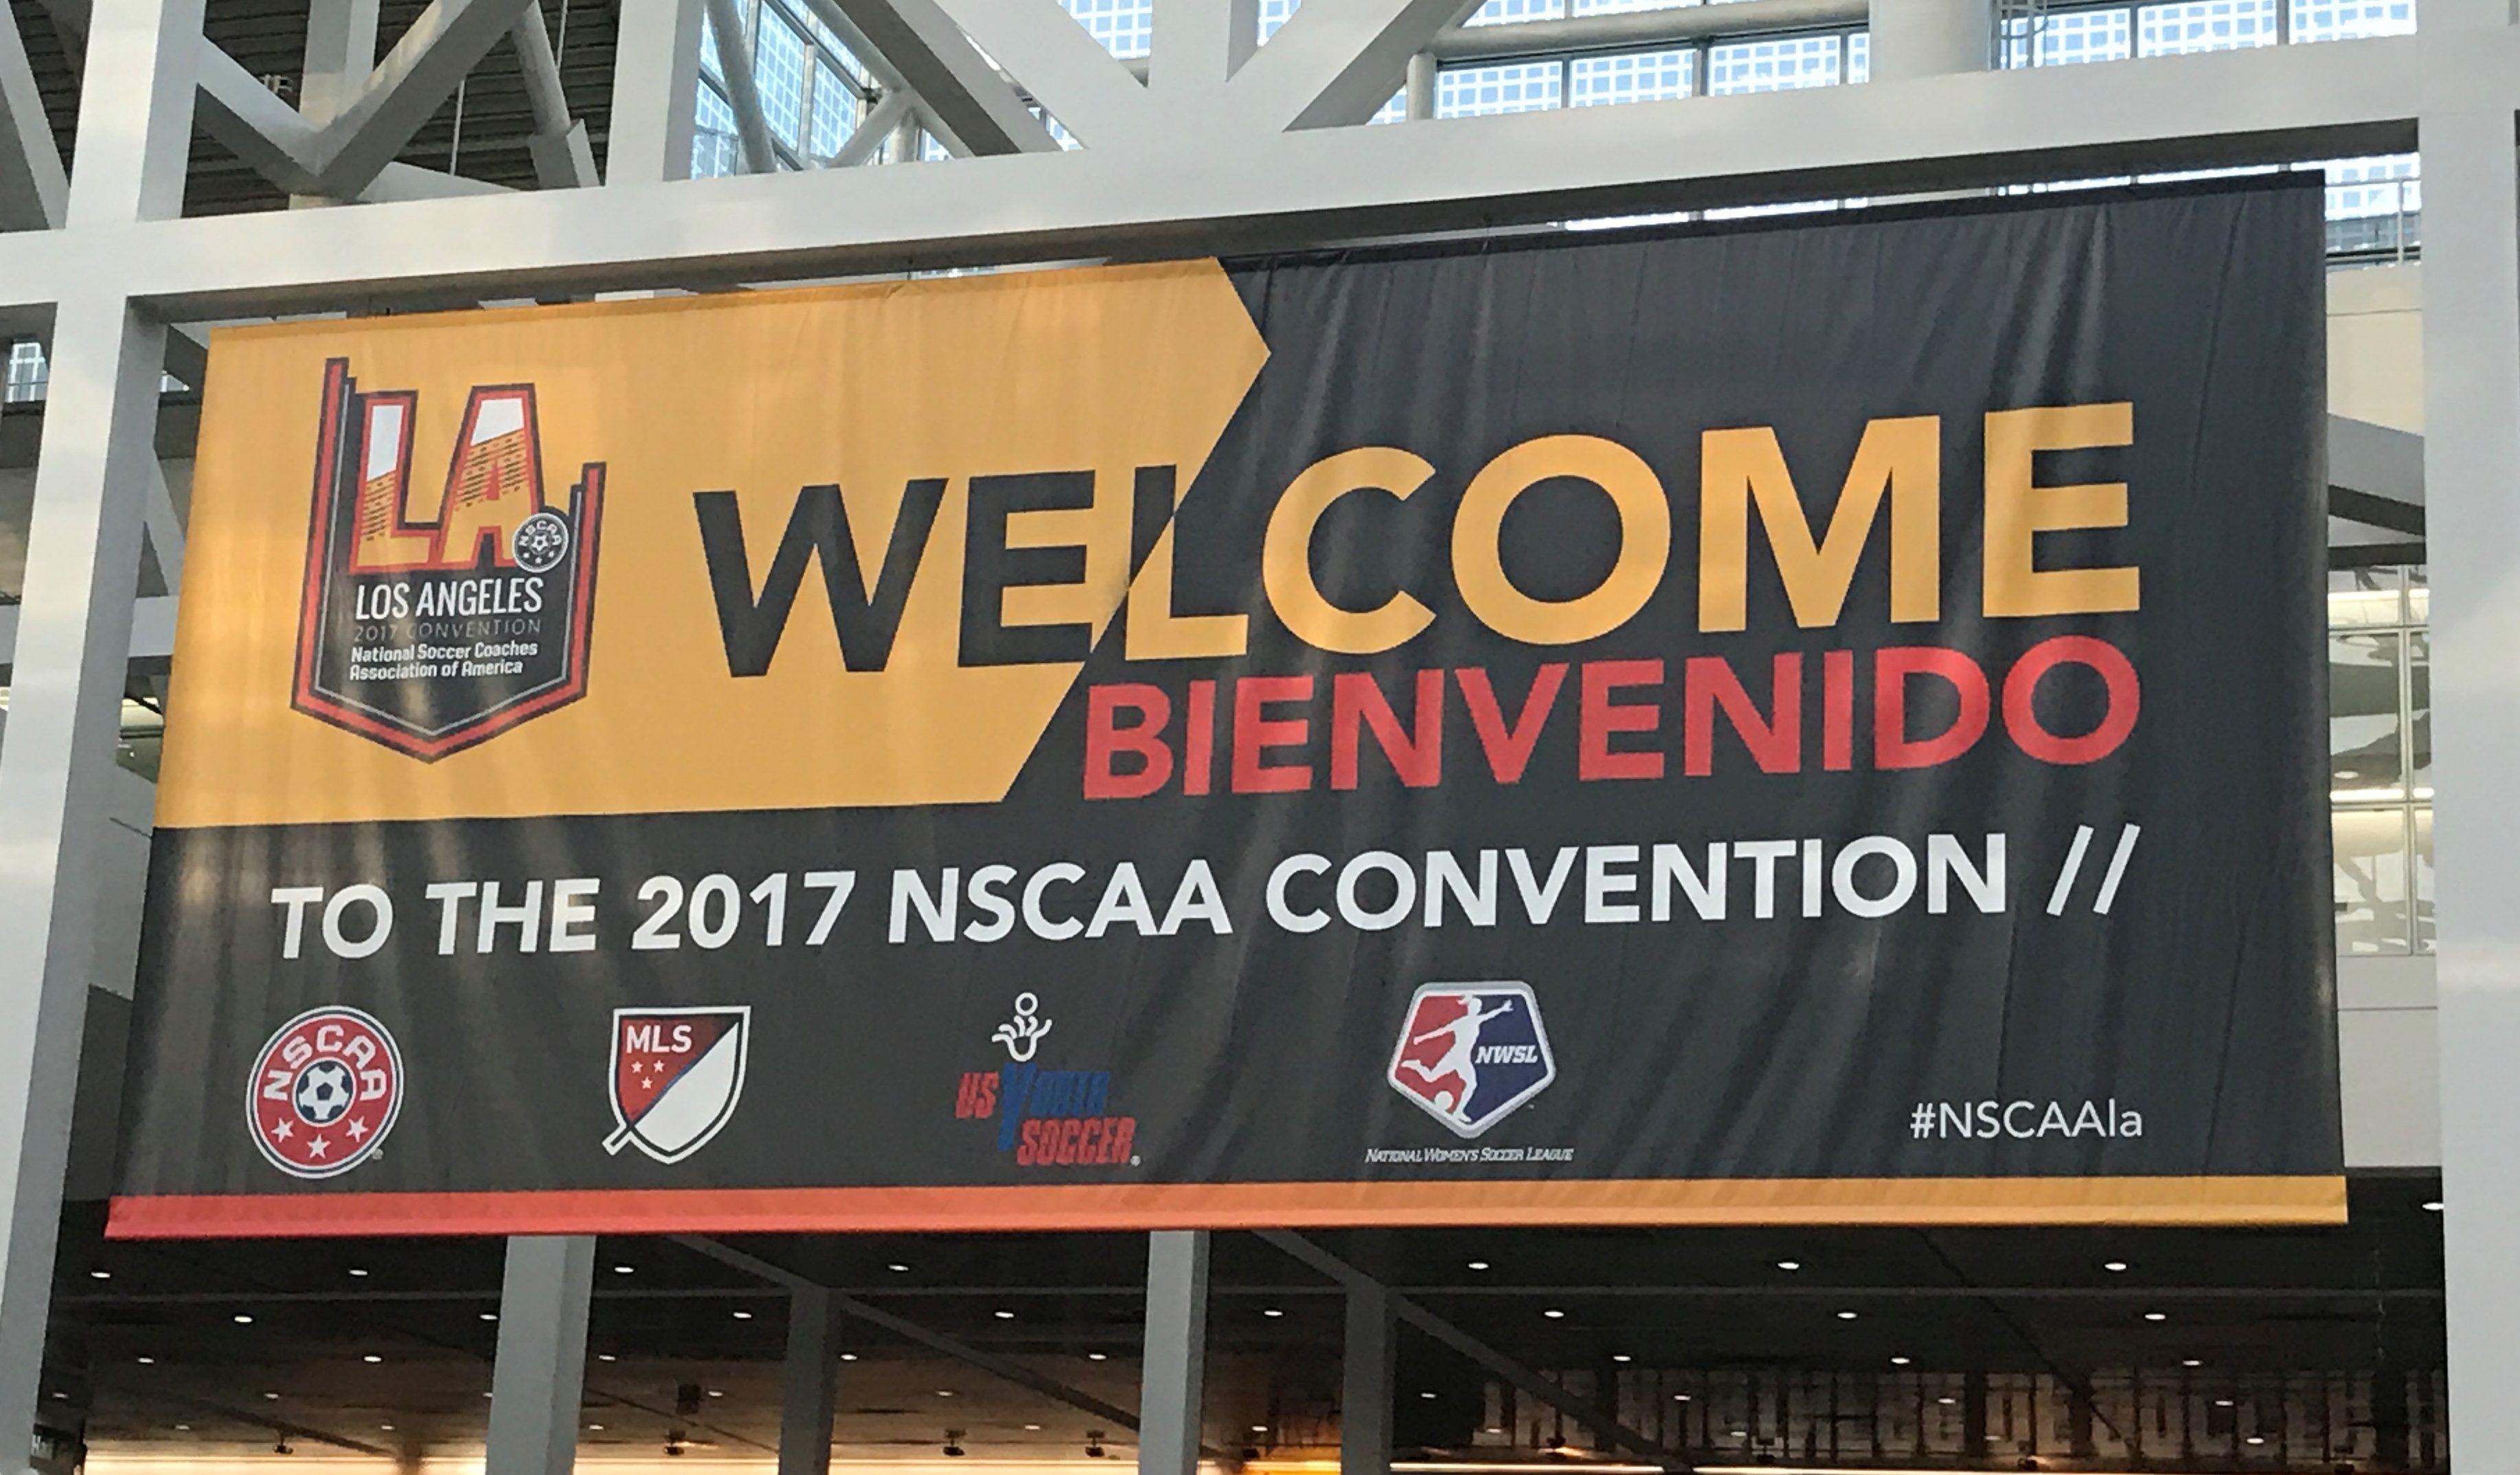 Presidio's Presence At The 2017 NSCAA Convention